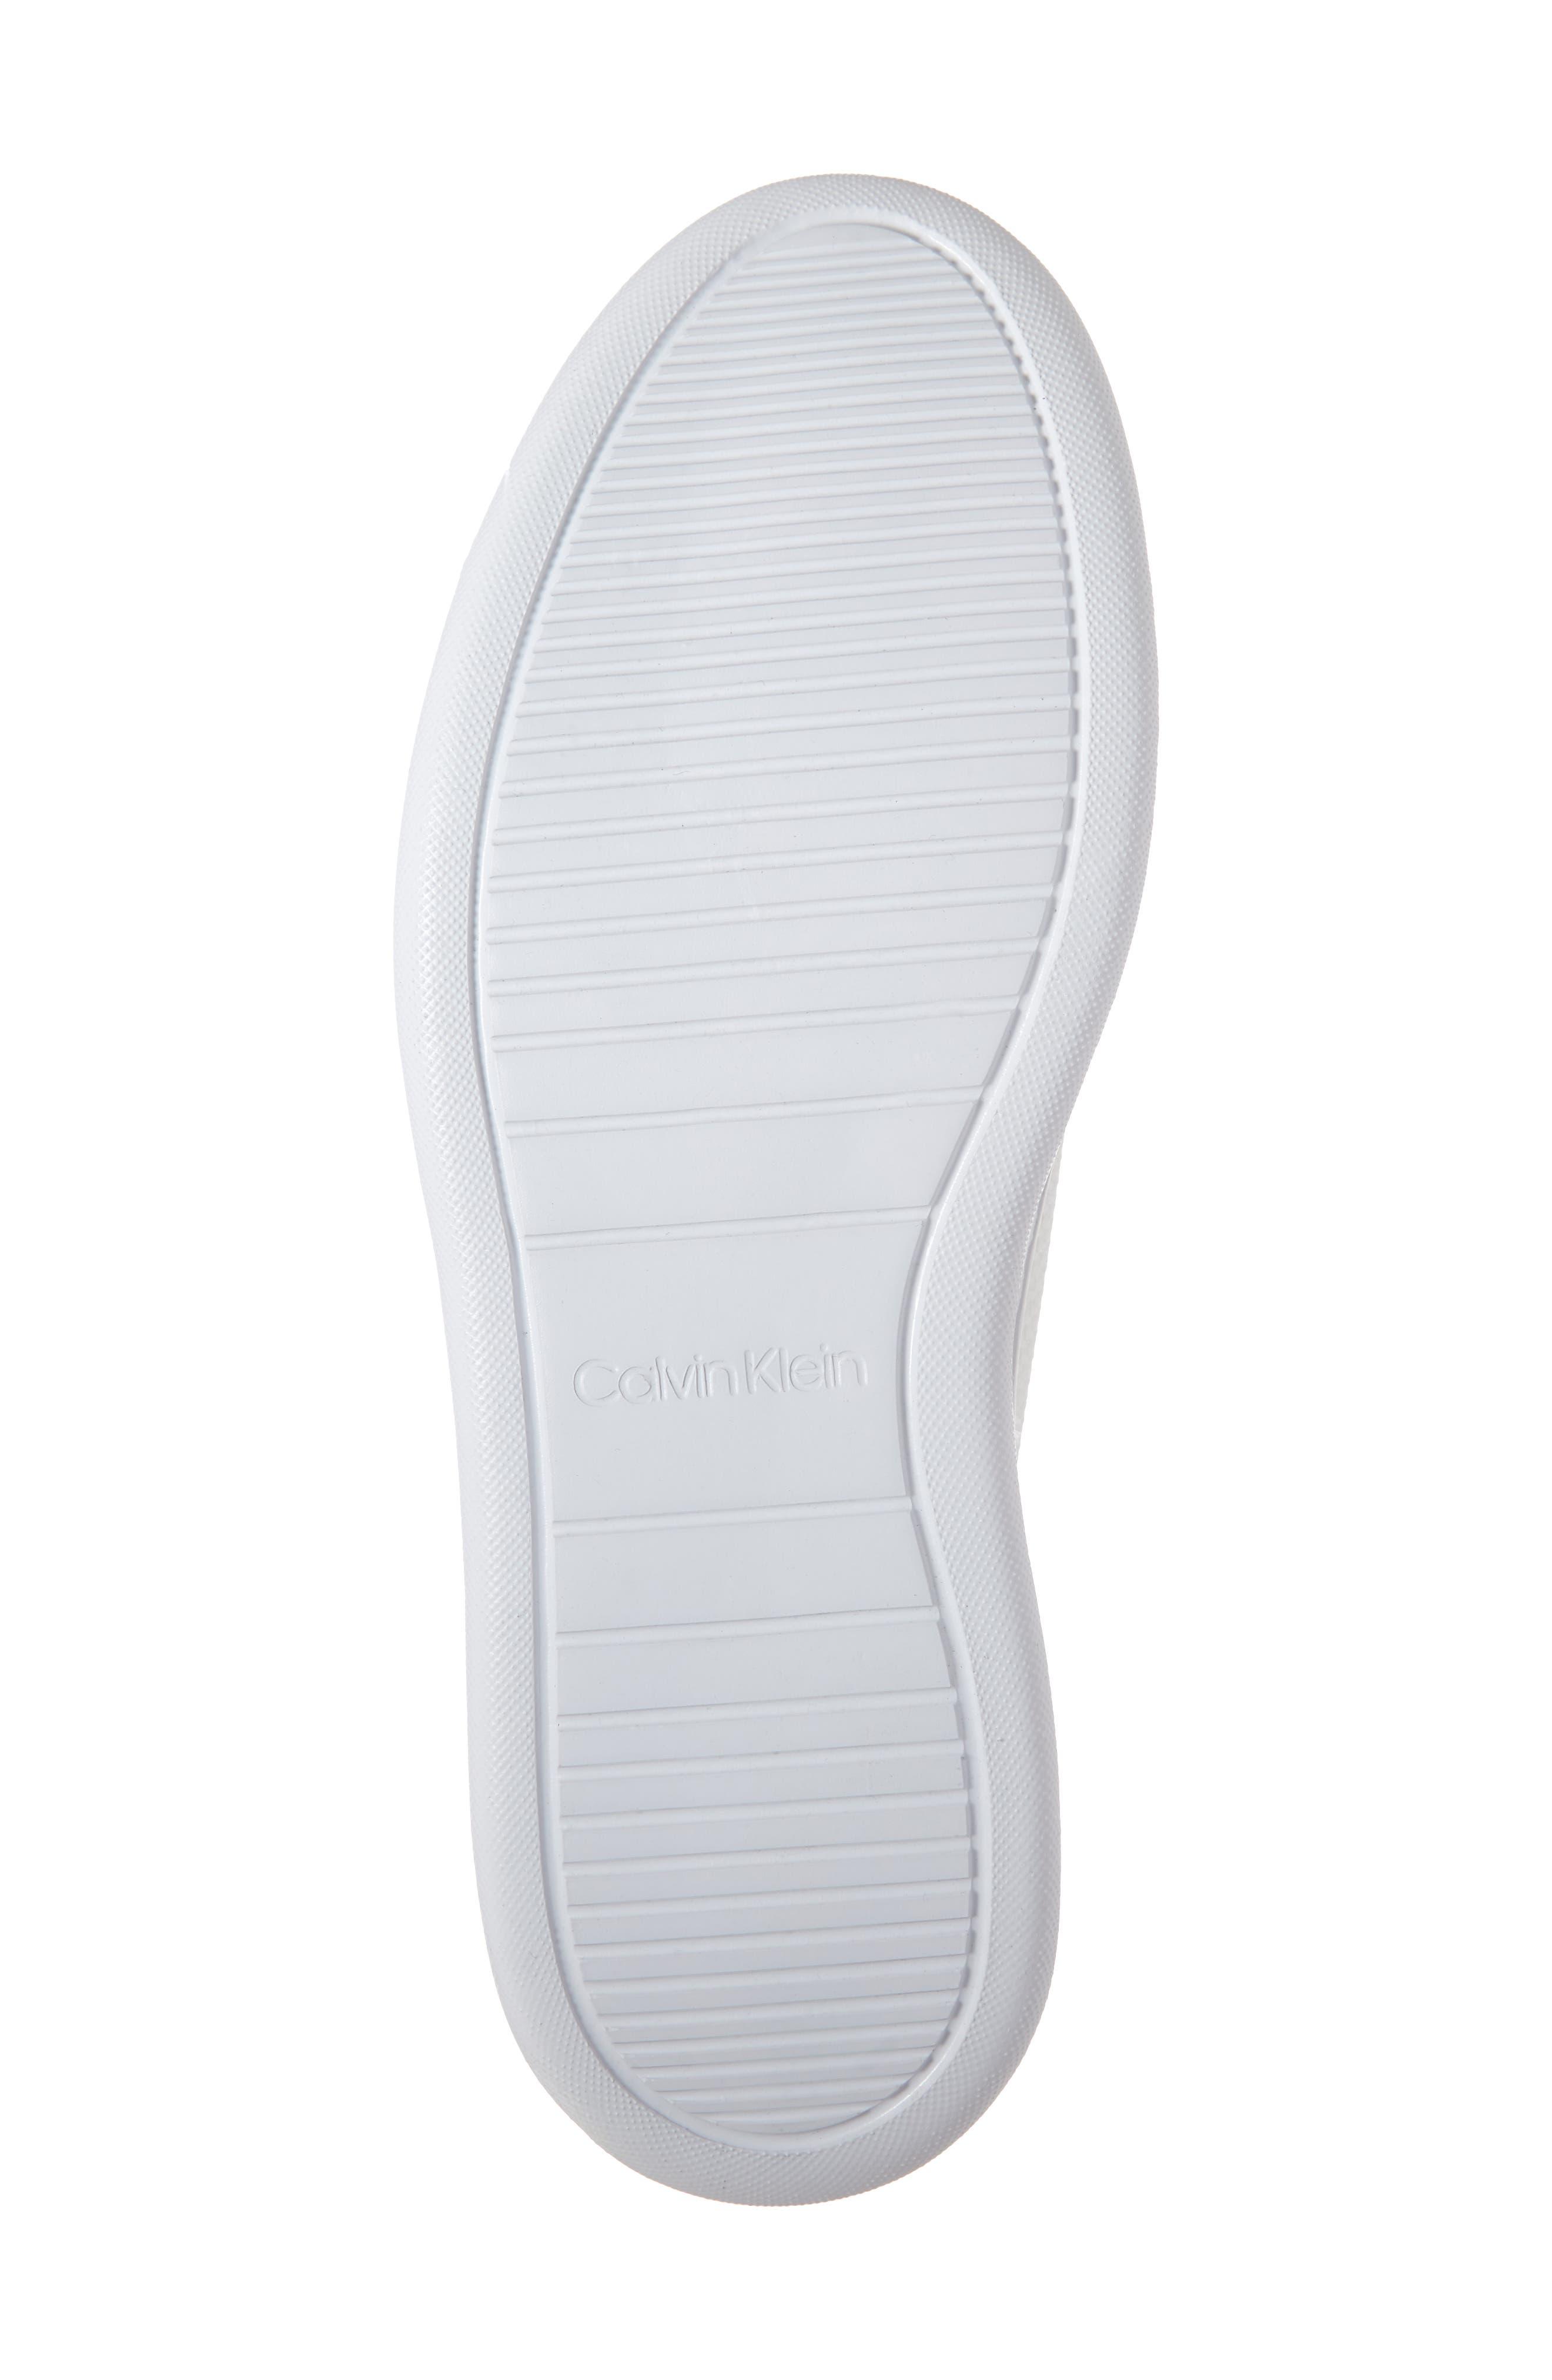 CALVIN KLEIN, Freeport Sneaker, Alternate thumbnail 6, color, WHITE